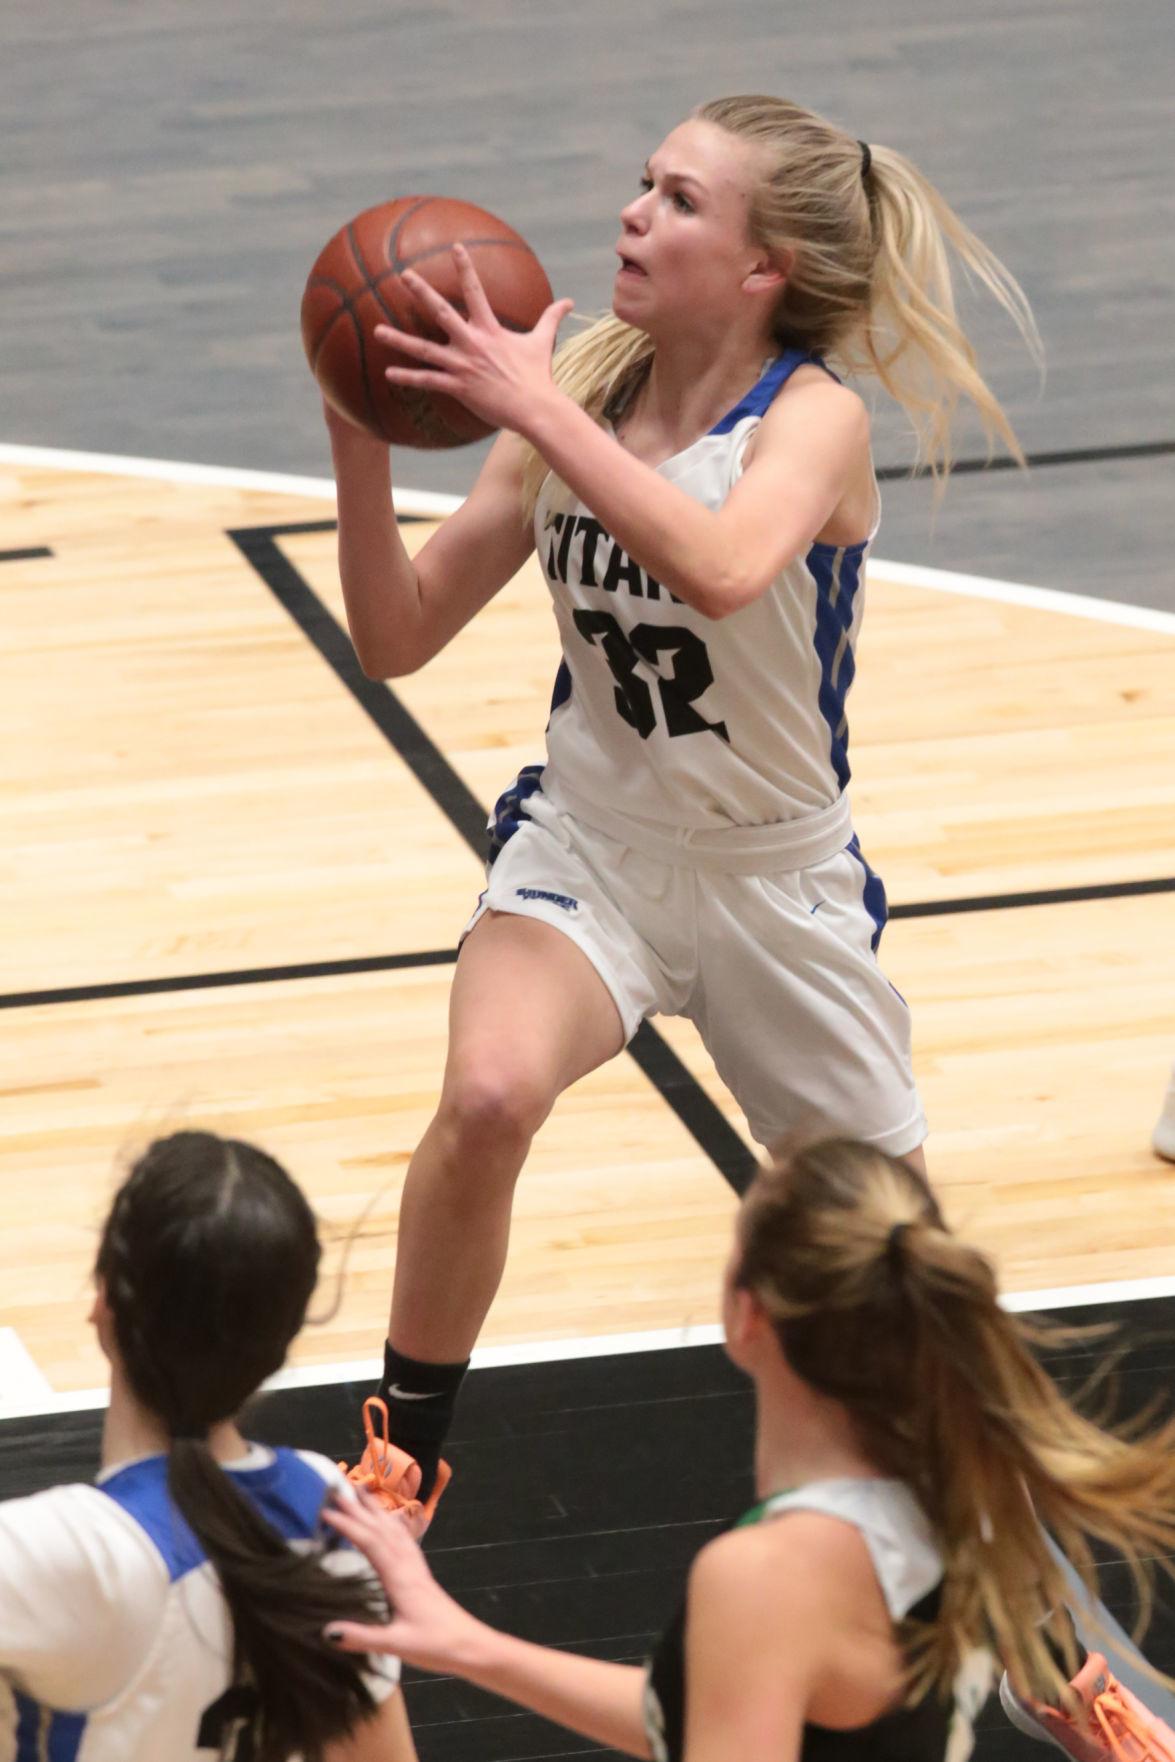 Thunder Ridge vs Blackfoot girls basketball